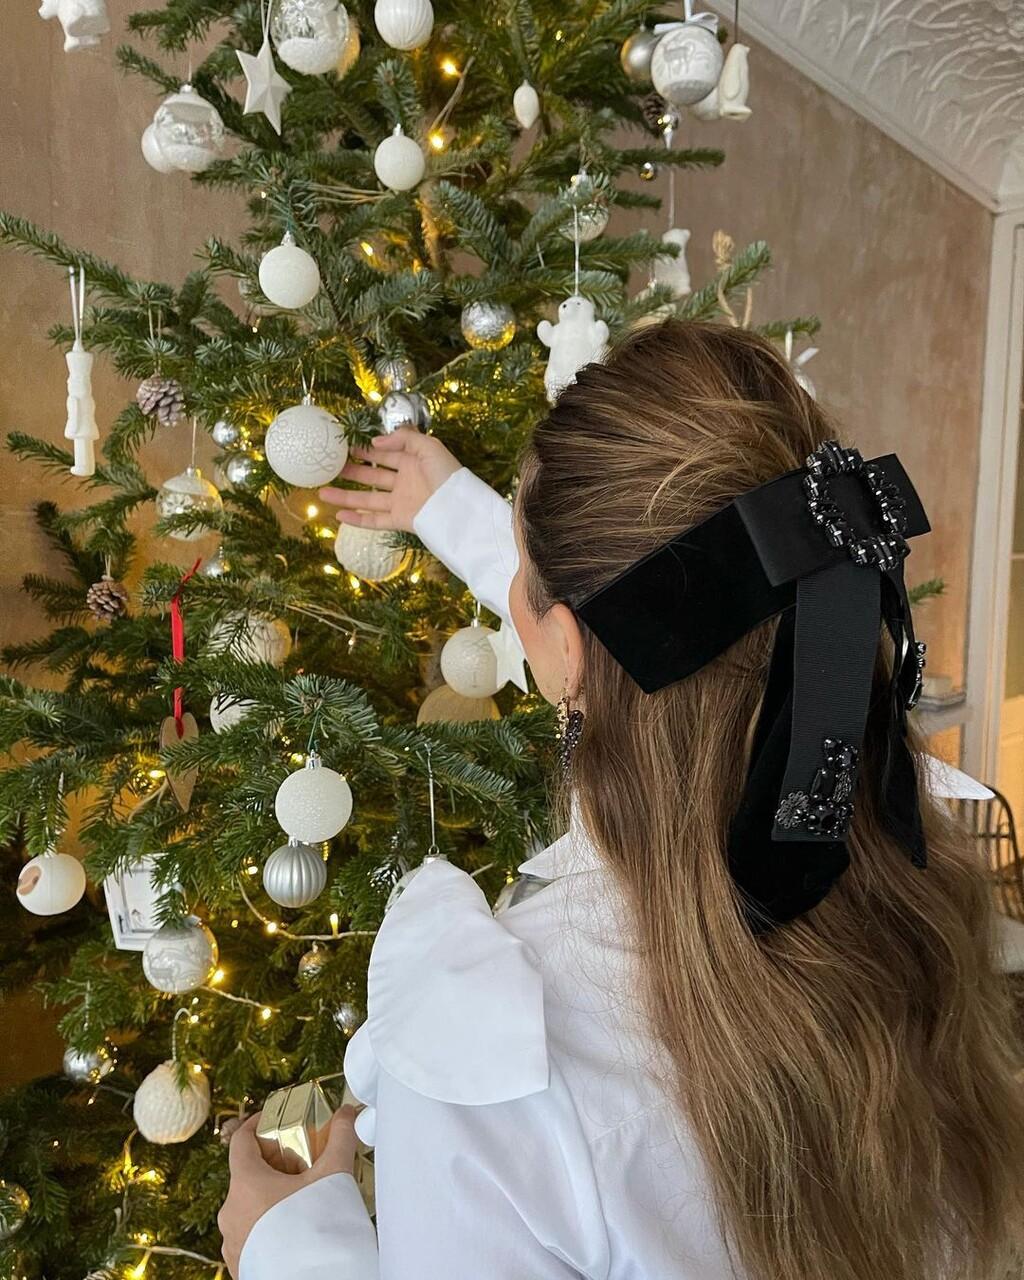 Si todavía no sabes cómo vestir tu melena estas Navidades 2020, los lazos pueden ser una buena idea: cinco diseños para la ocasión